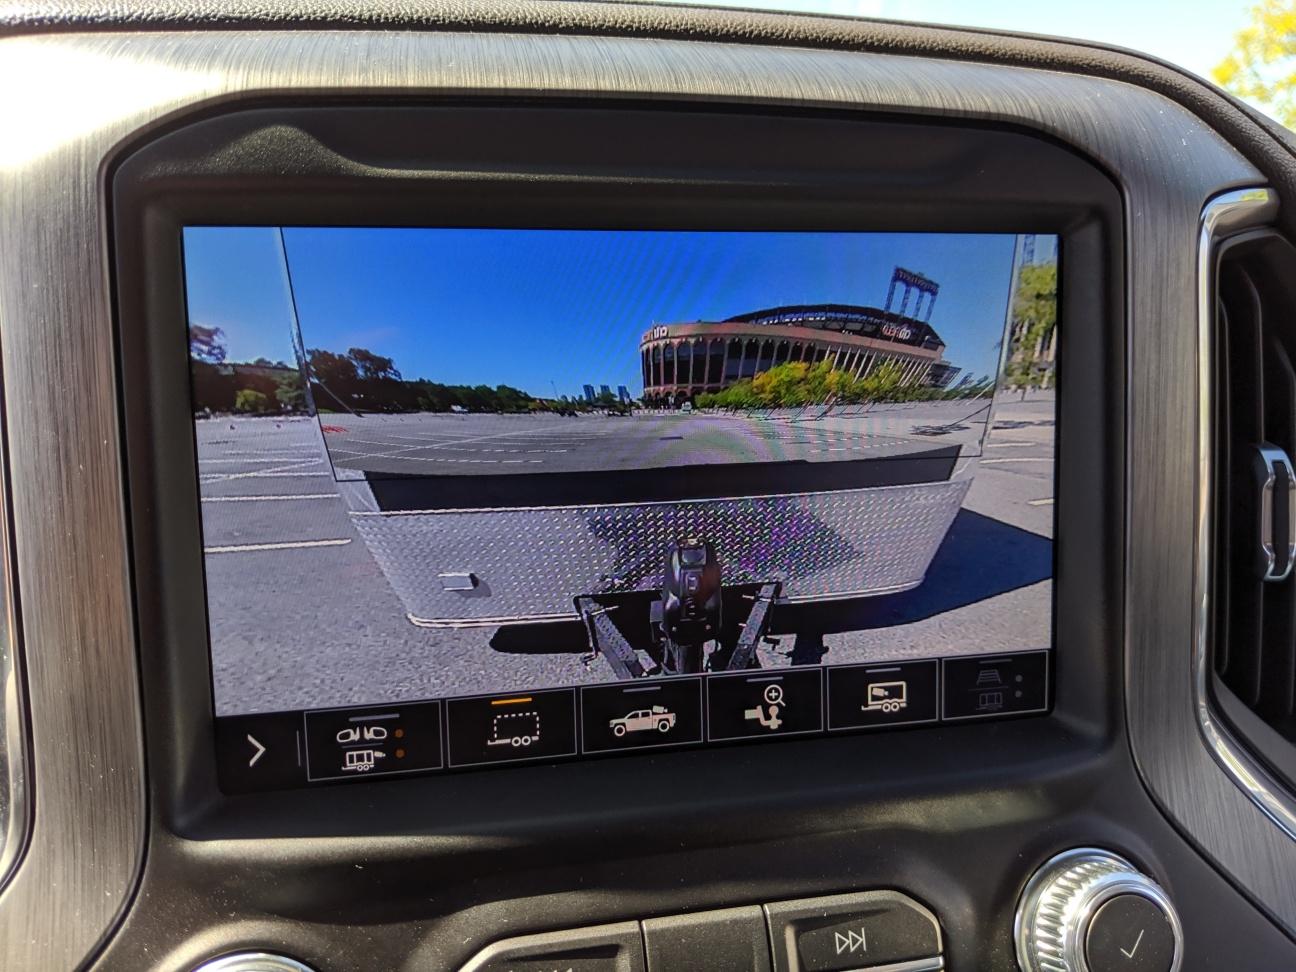 2020 GMC Sierra Denali HD Trailering 3